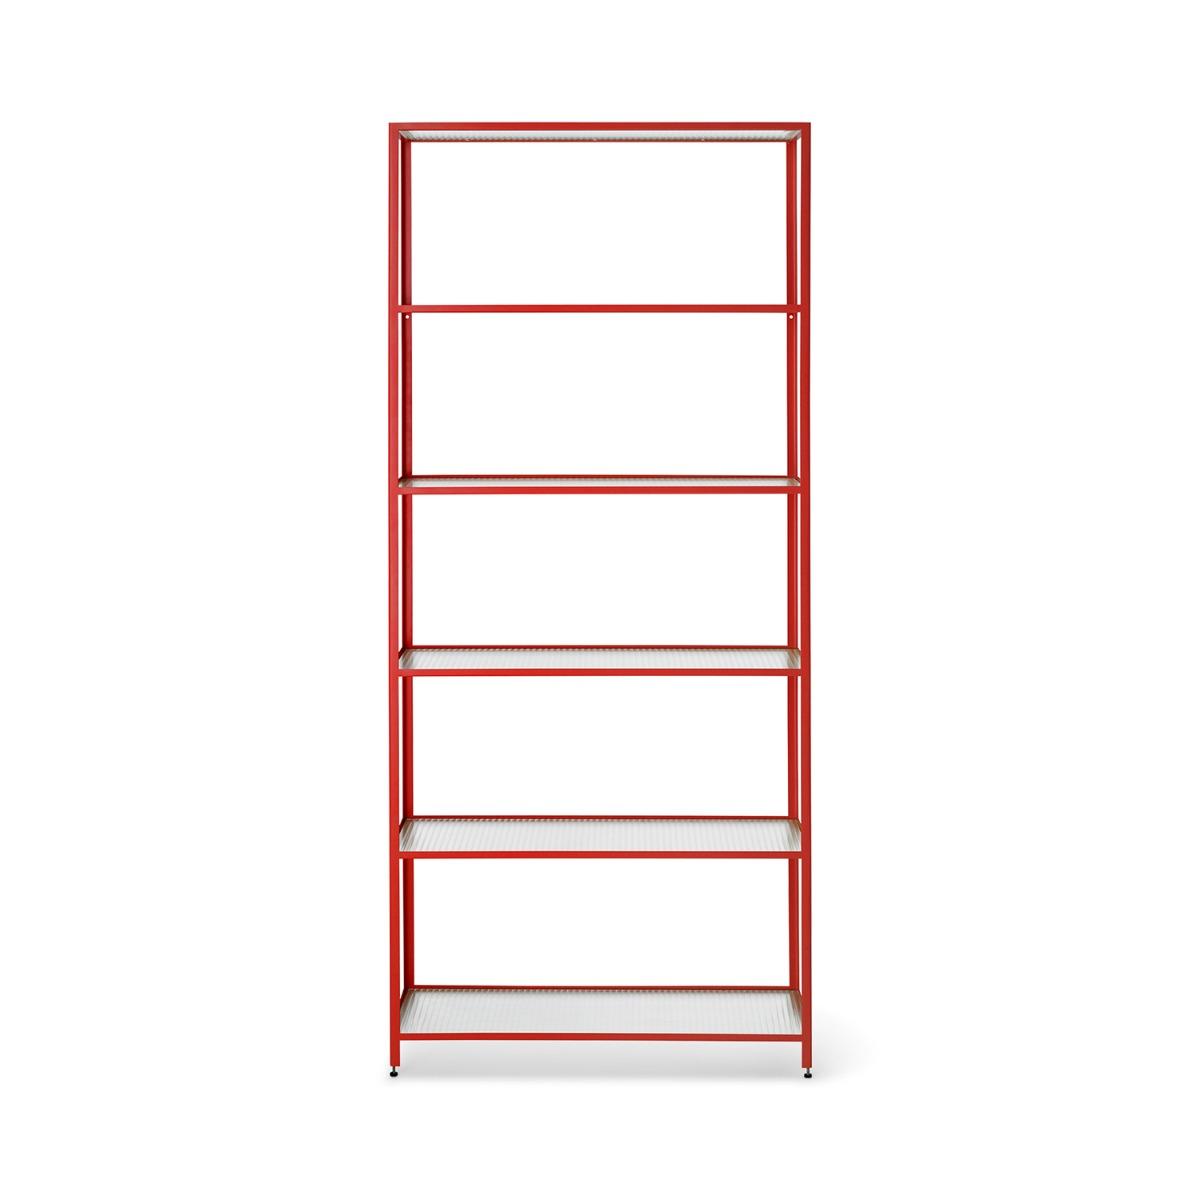 Haze boekenkast Ferm Living - Rood